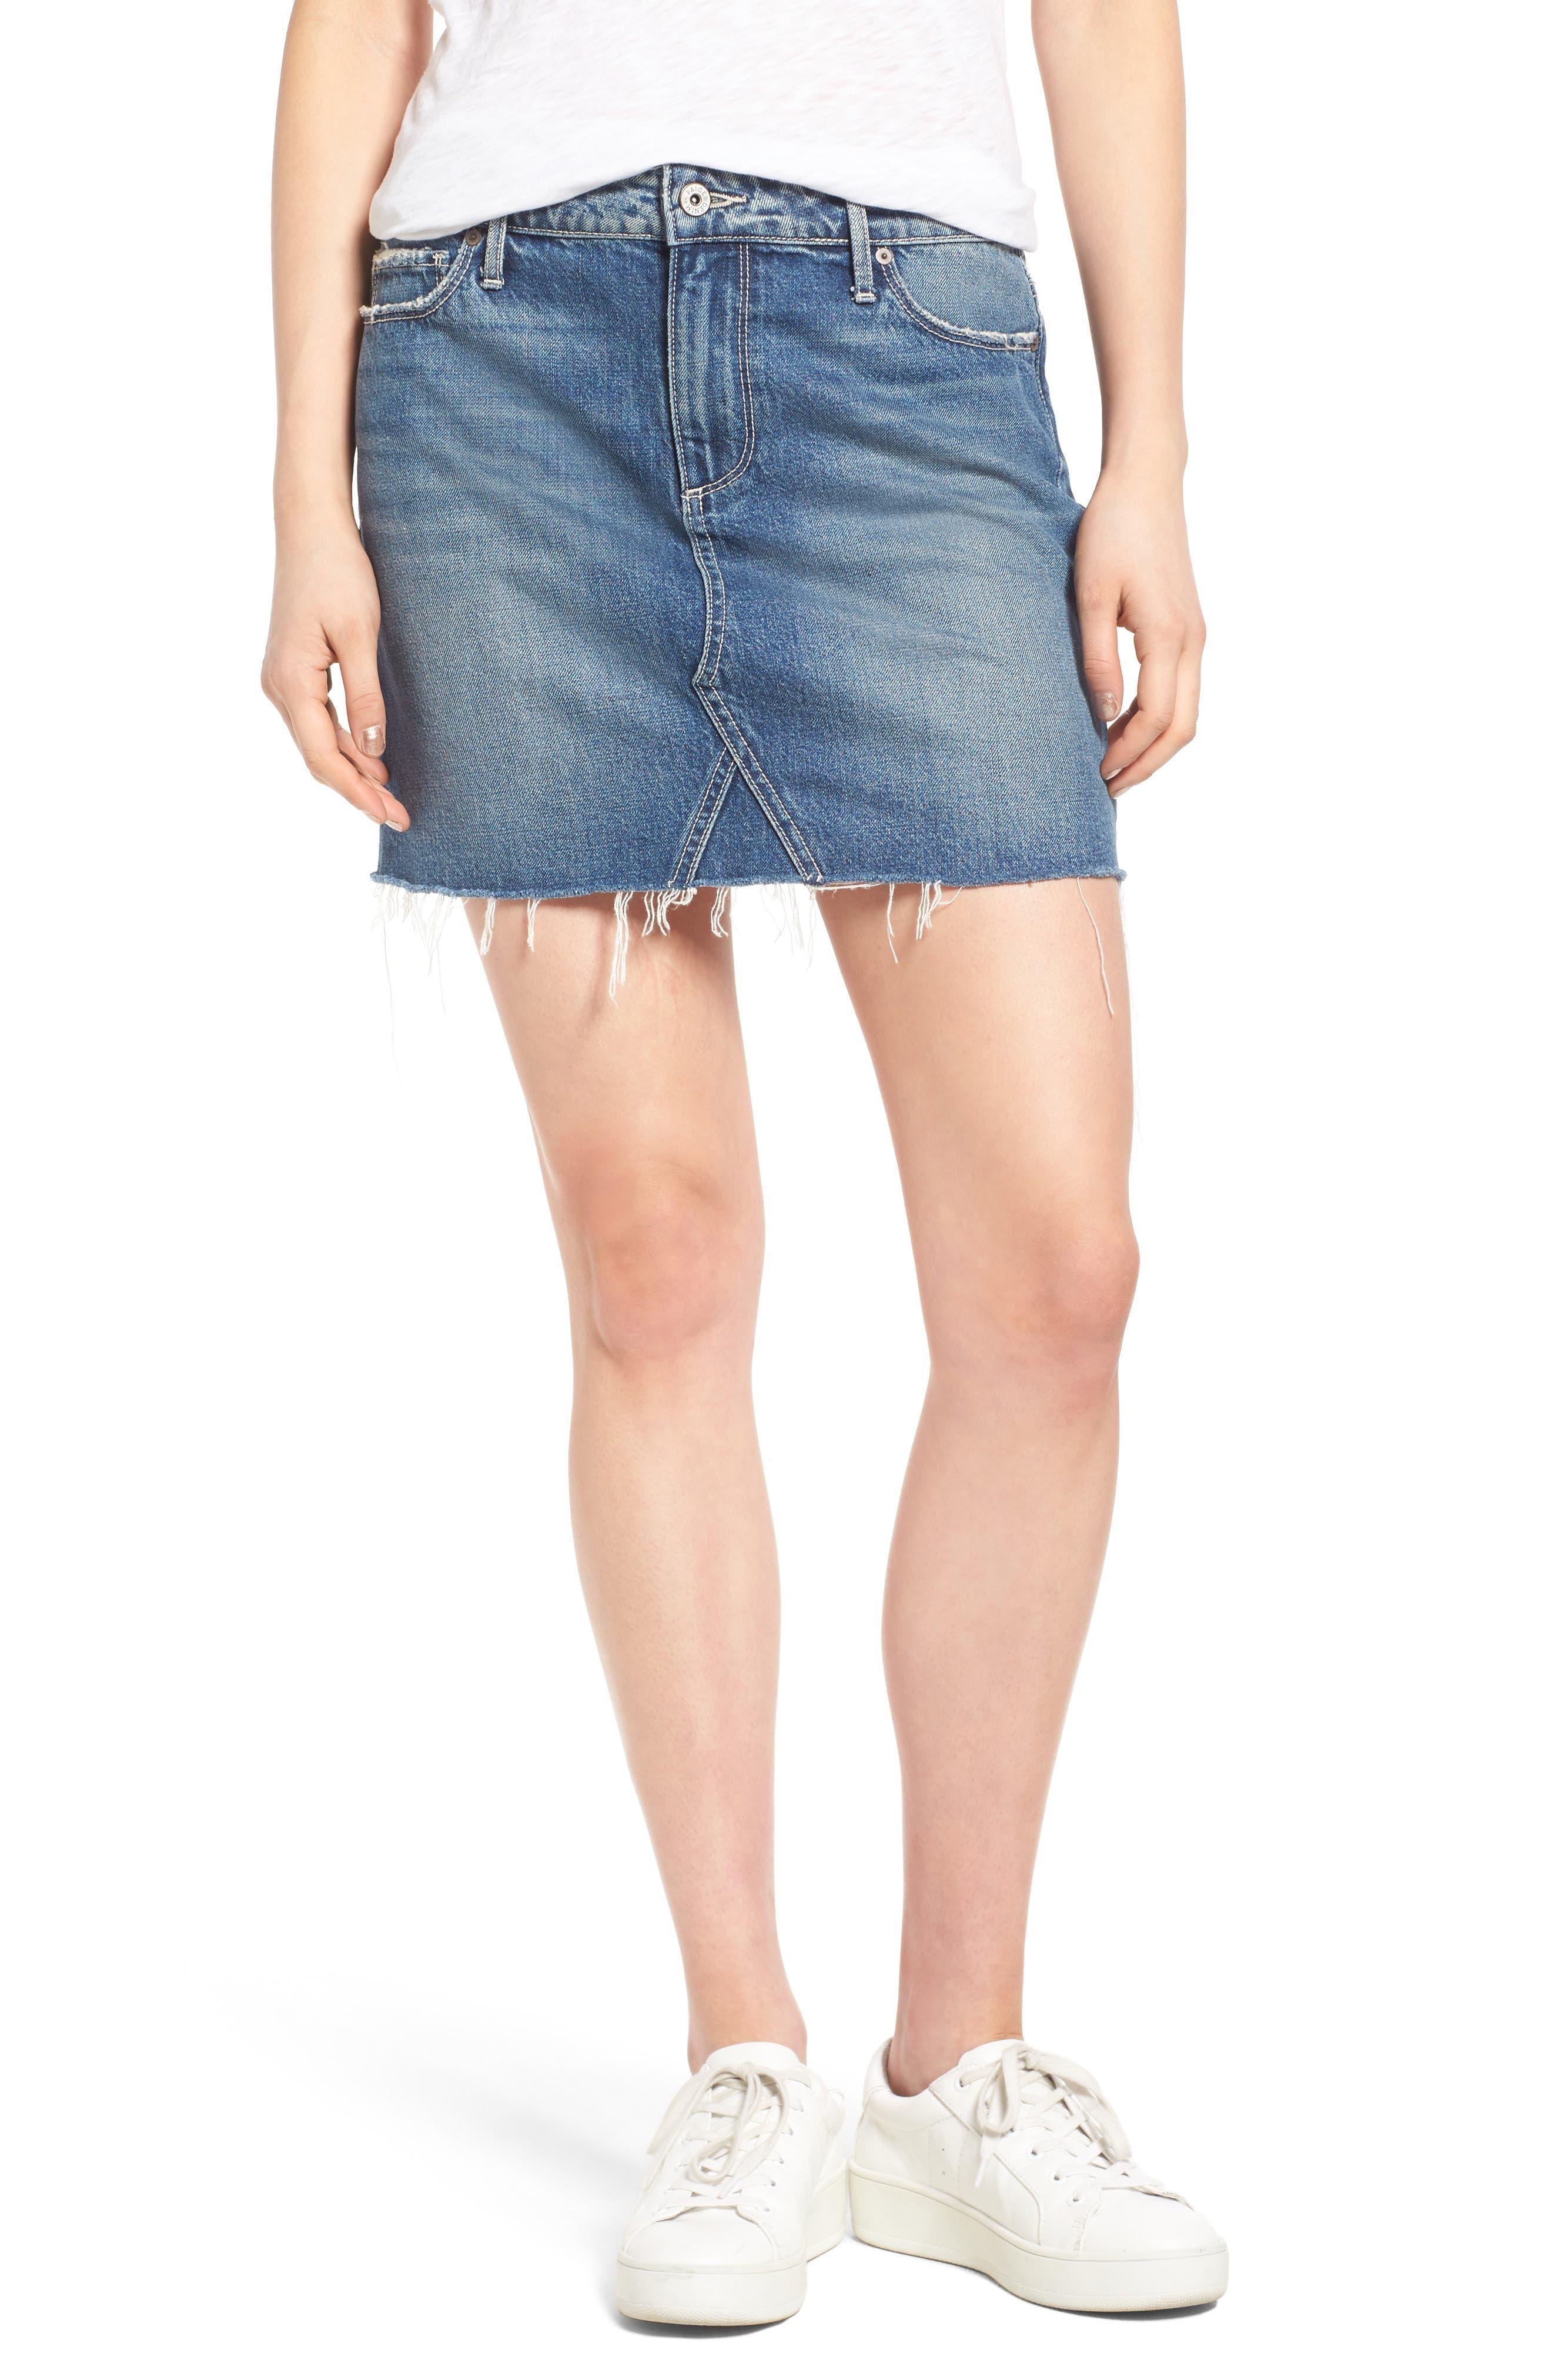 Alternate Image 1 Selected - PAIGE Alethea Cutoff Denim Miniskirt